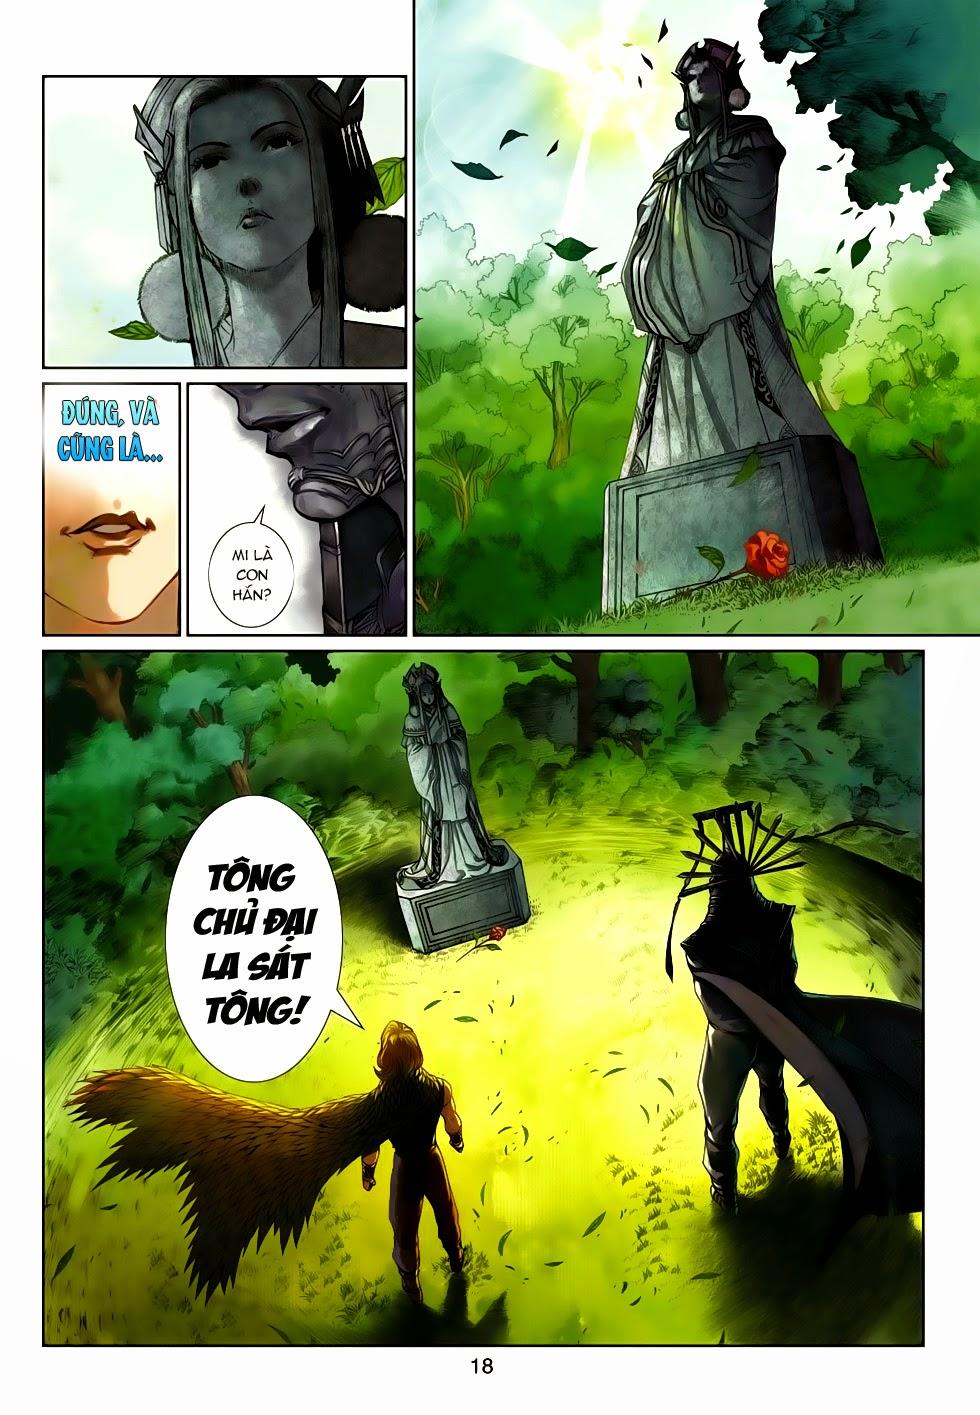 Thần Binh Tiền Truyện 4 - Huyền Thiên Tà Đế chap 14 - Trang 18